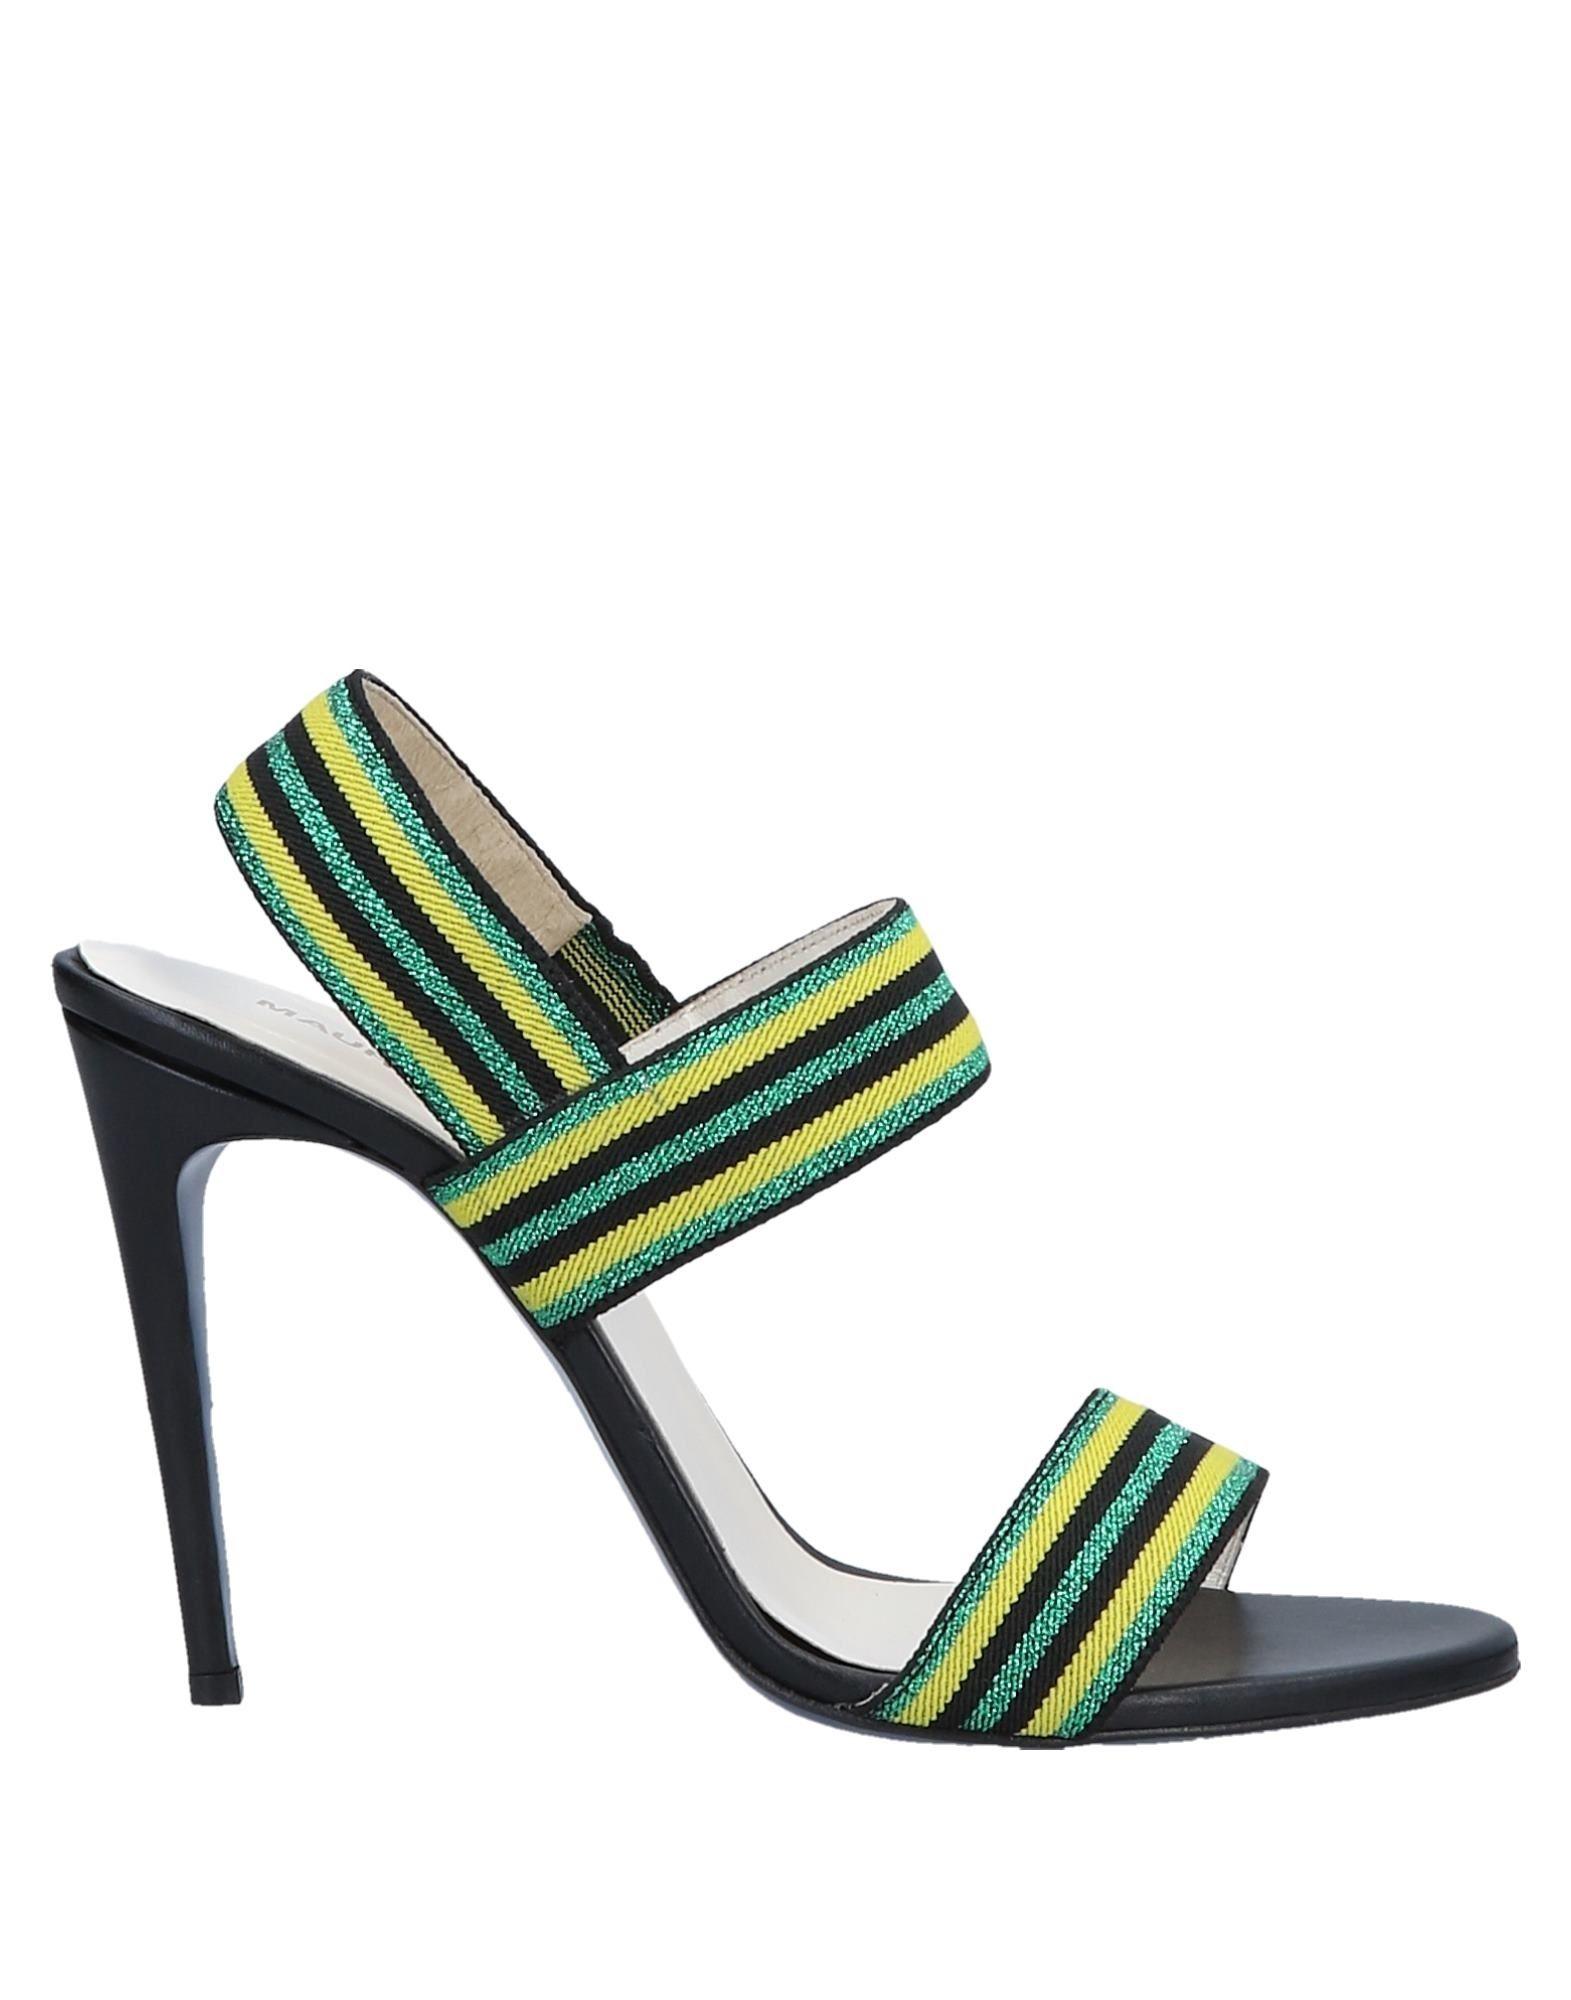 mauro grifoni sandales - femmes mauro grifoni sandales en en en ligne au royaume - uni - 11564502tr e58d92